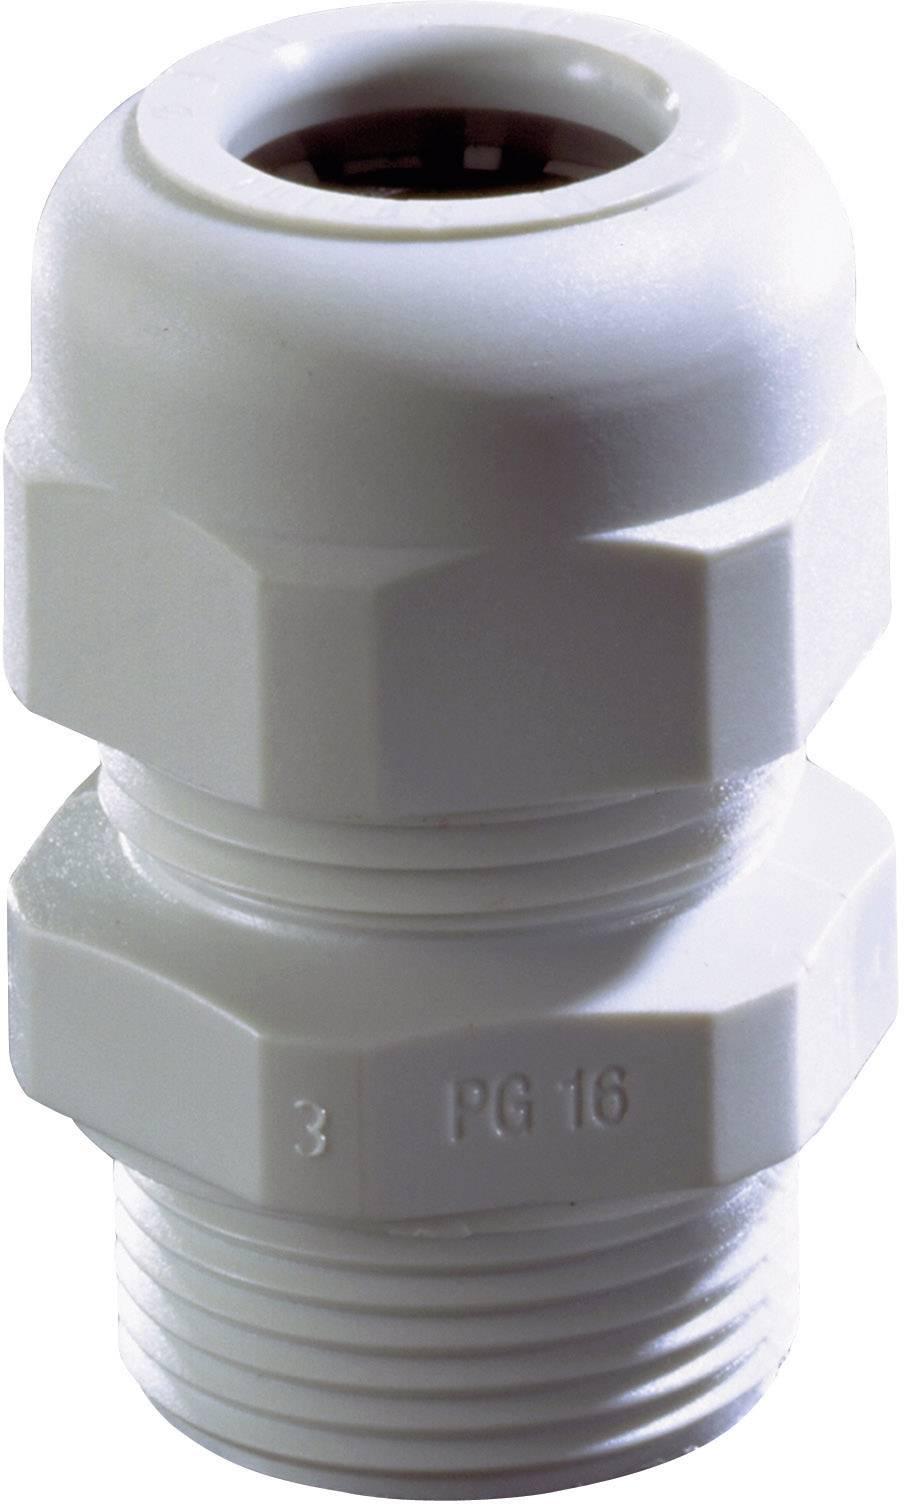 Káblová priechodka Wiska SKV PG11 RAL 9005, polyamid, čierna, 1 ks